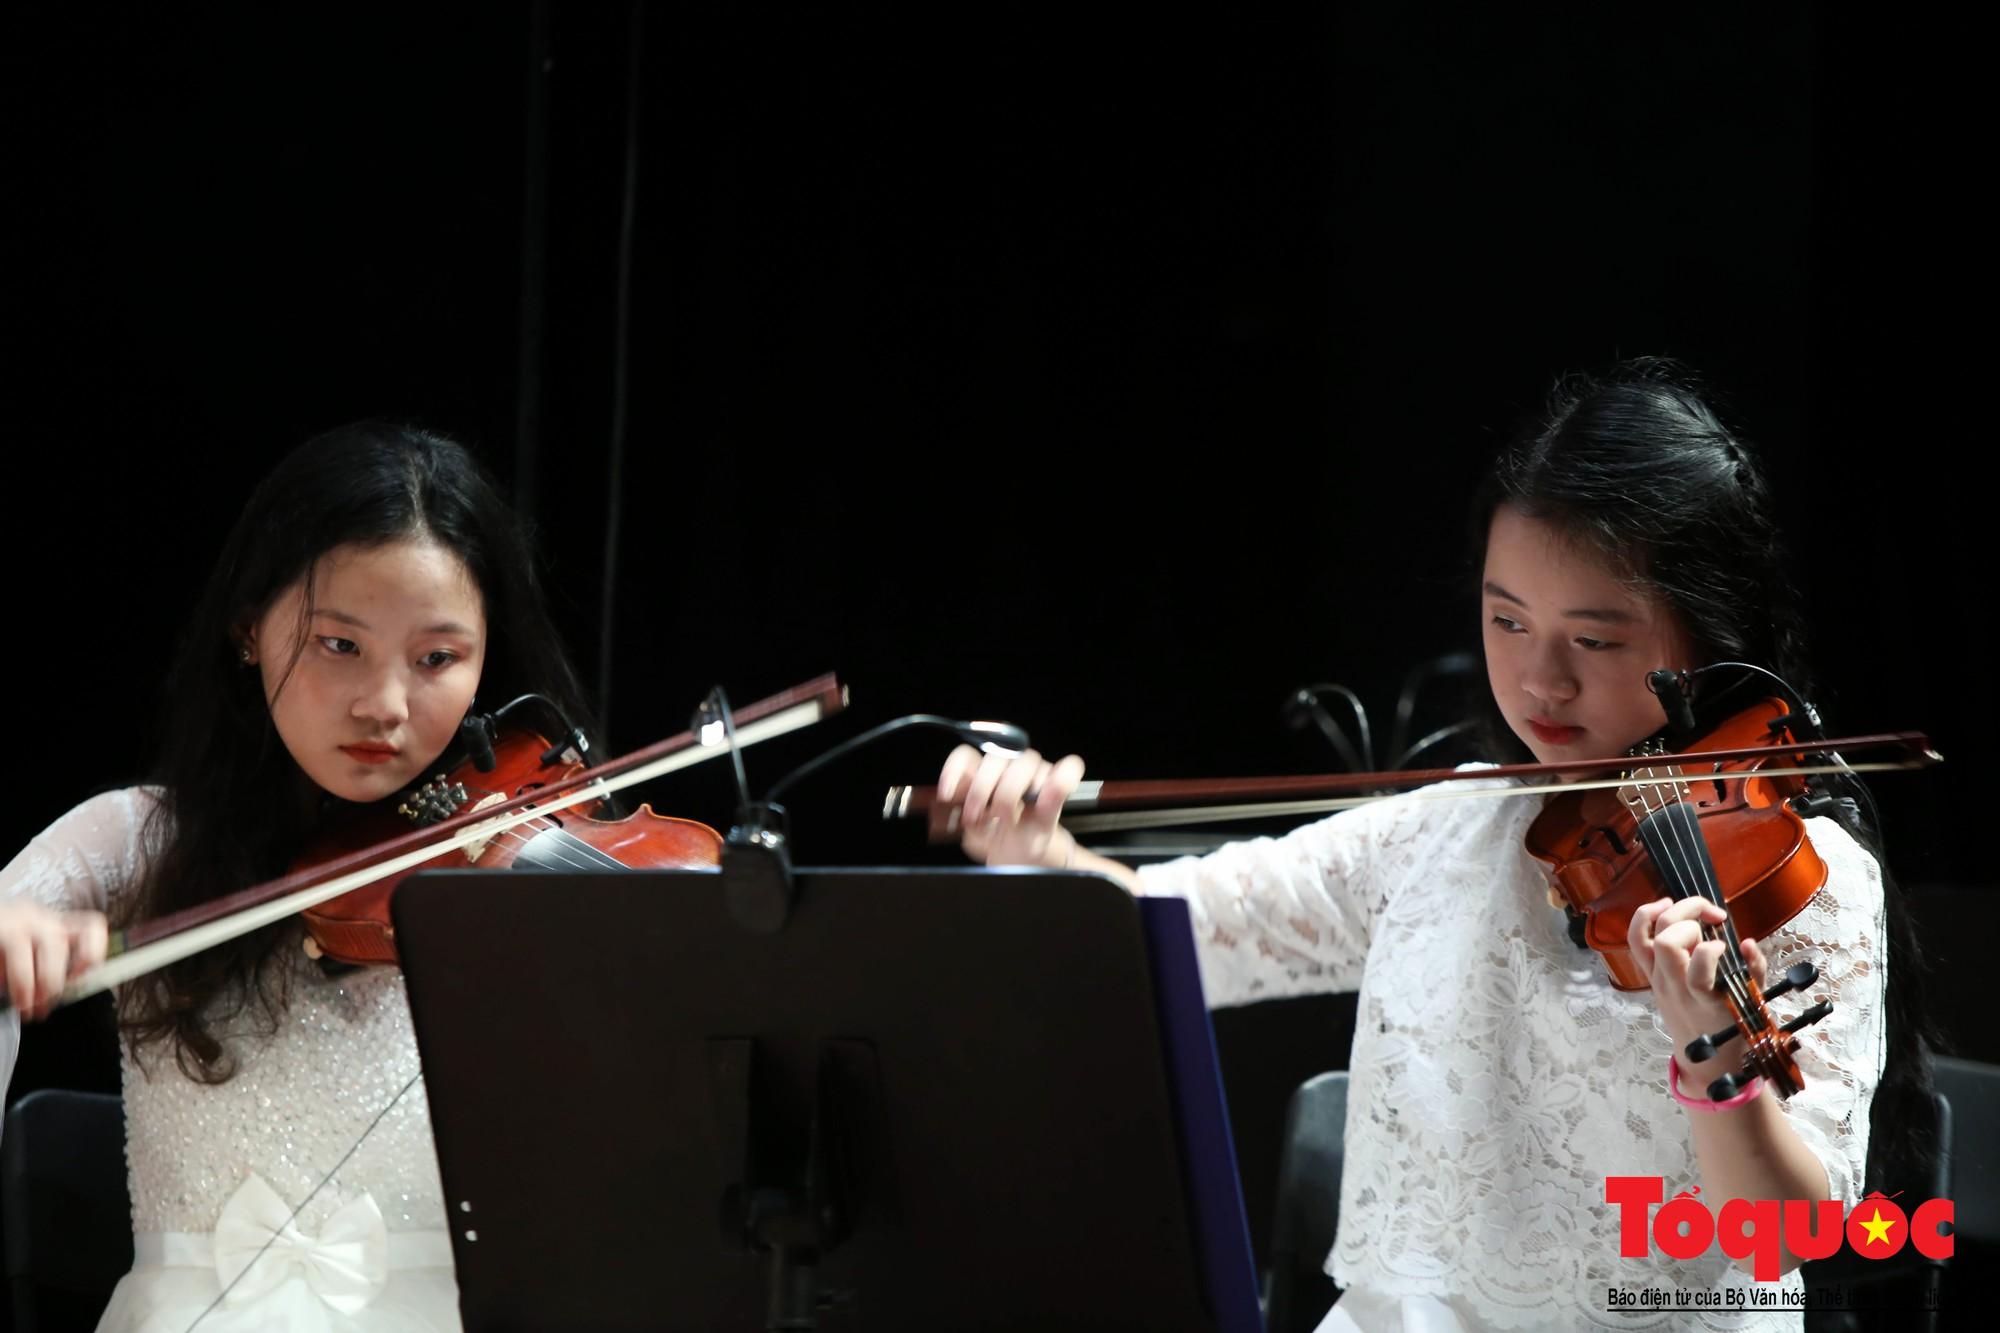 Dàn nhạc giao hưởng nhí đầu tiên của Việt Nam biểu diễn gây quỹ từ thiện (14)